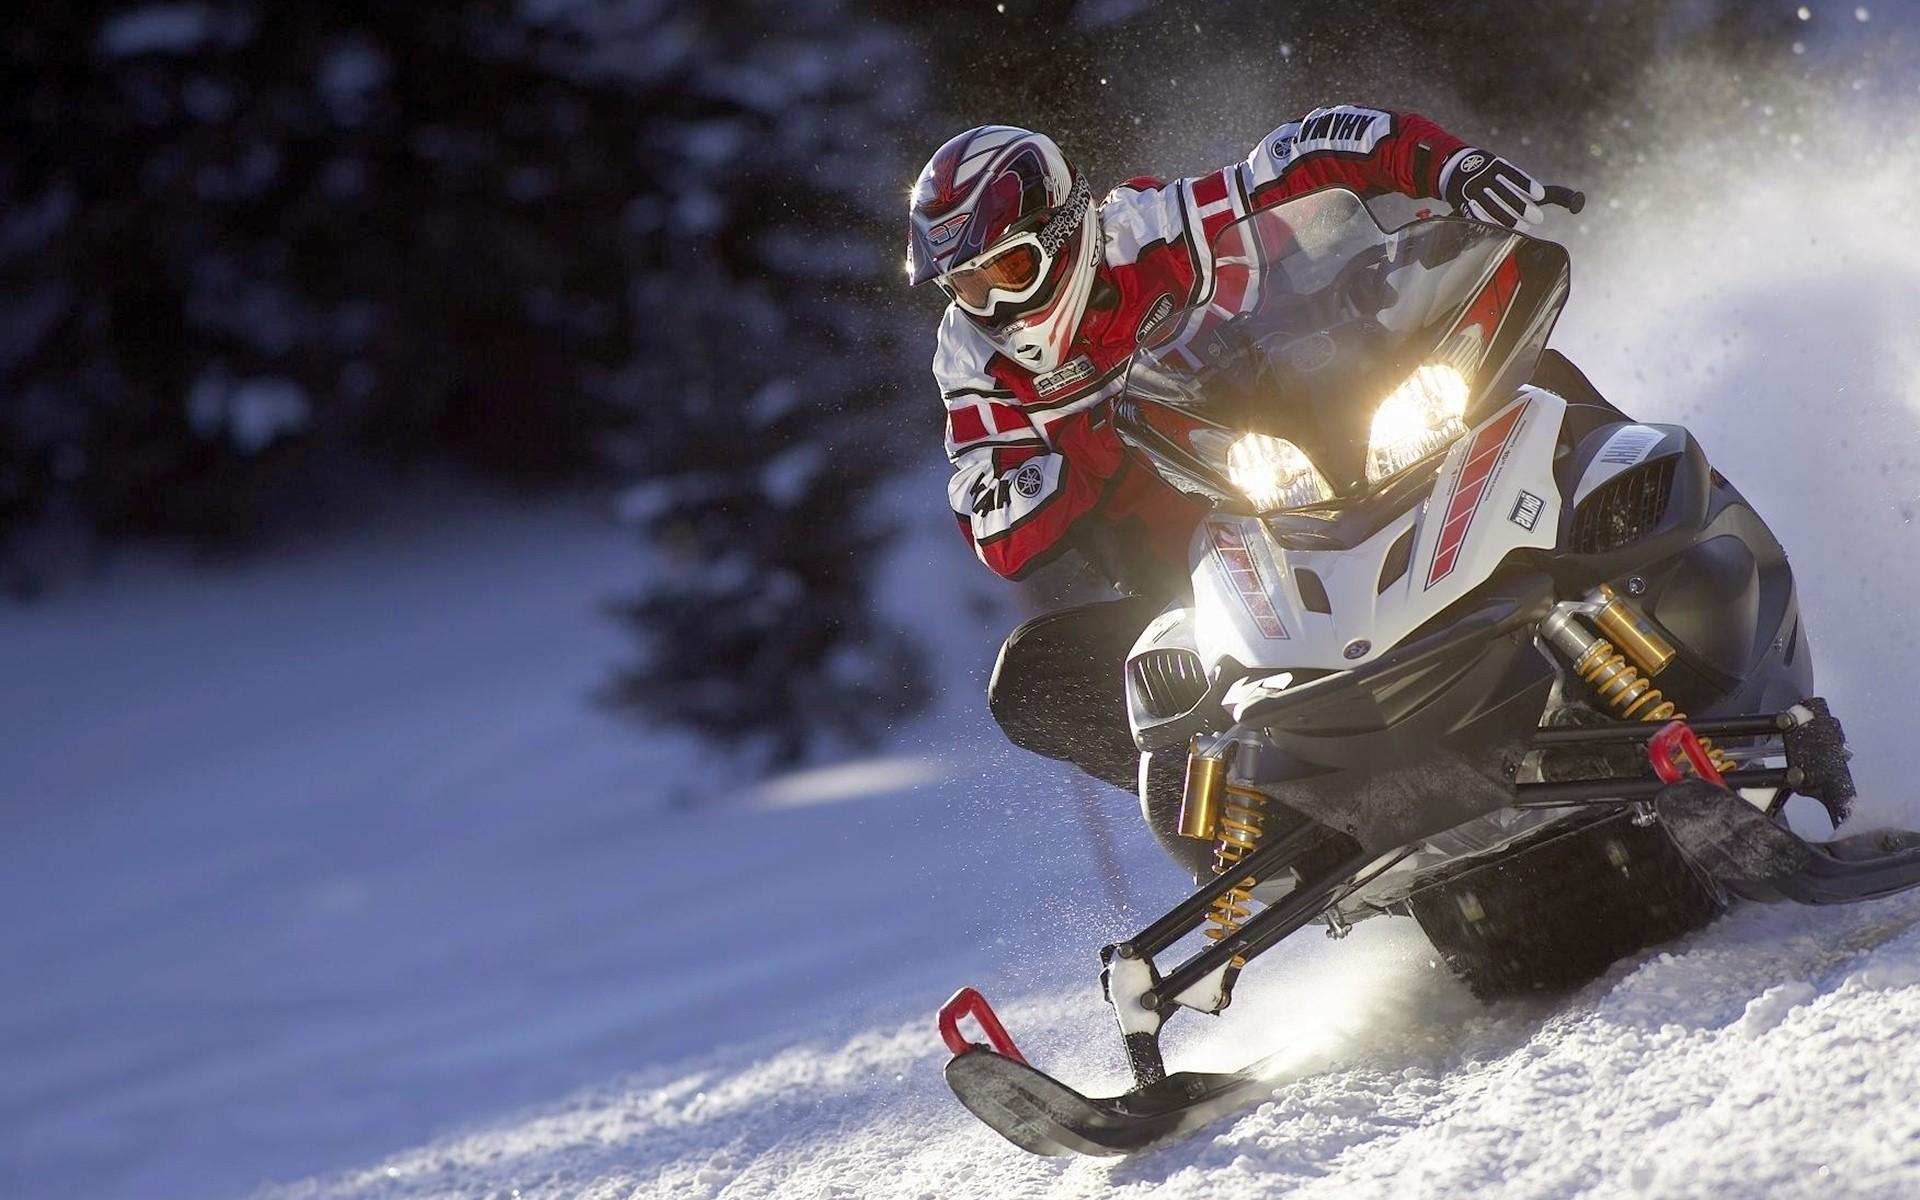 Polaris Snowmobile Wallpaper | polaris snowmobile wallpaper ski doo snowmobile  wallpaper priyanka .